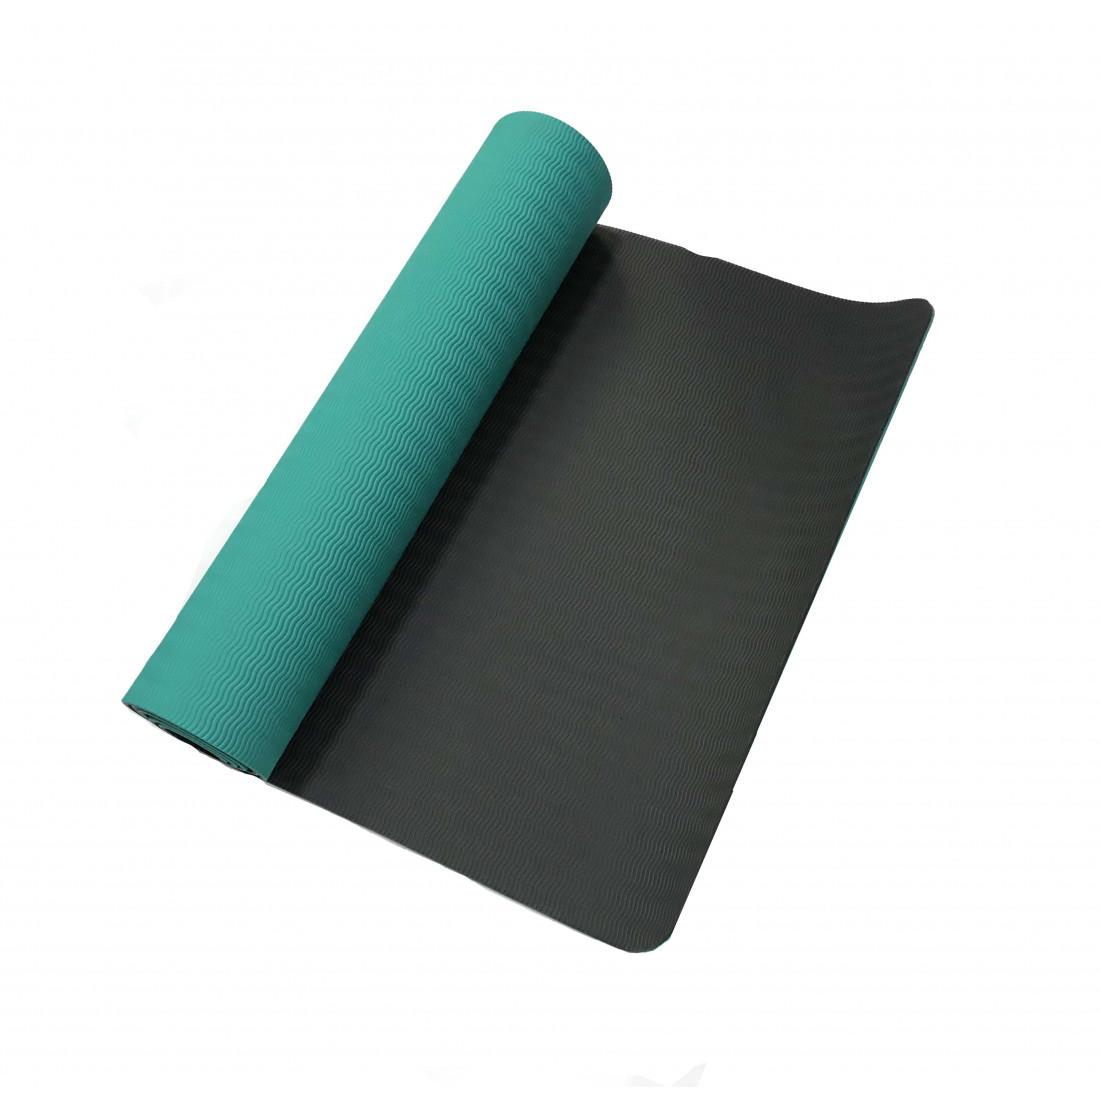 Йога: Коврик для йоги LiveUp TPE YOGA MAT зеленый